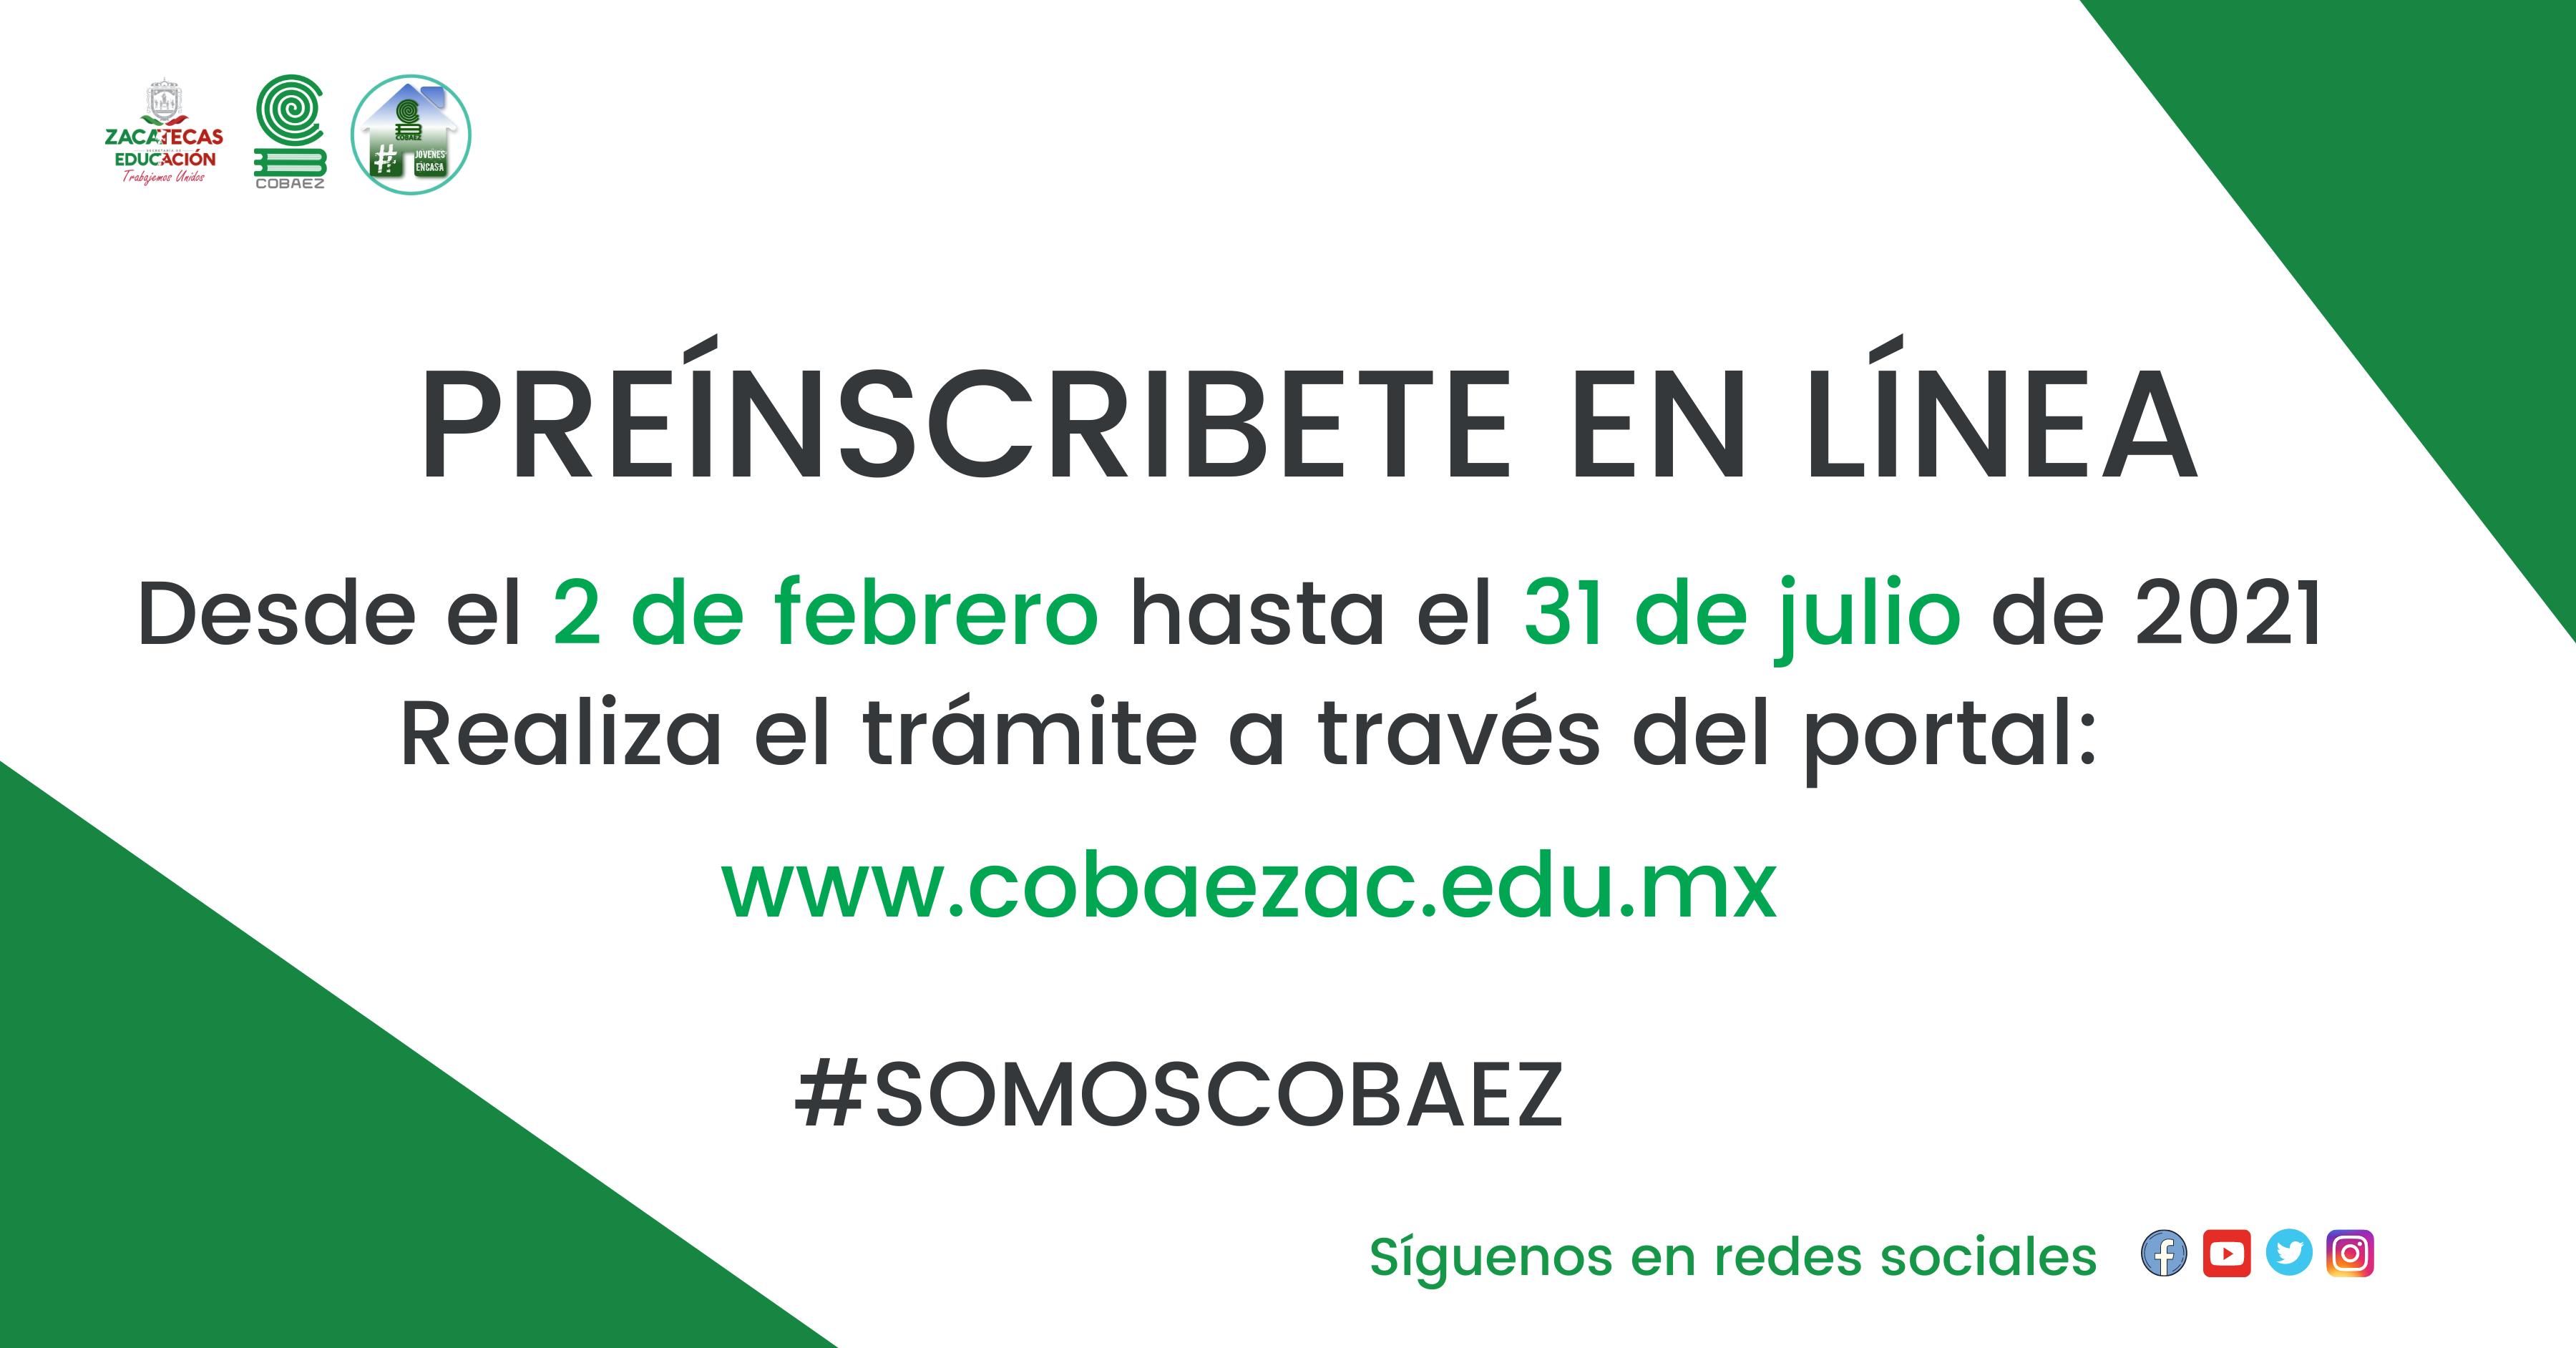 COBAEZ inicia proceso de reinscripción estudiantil